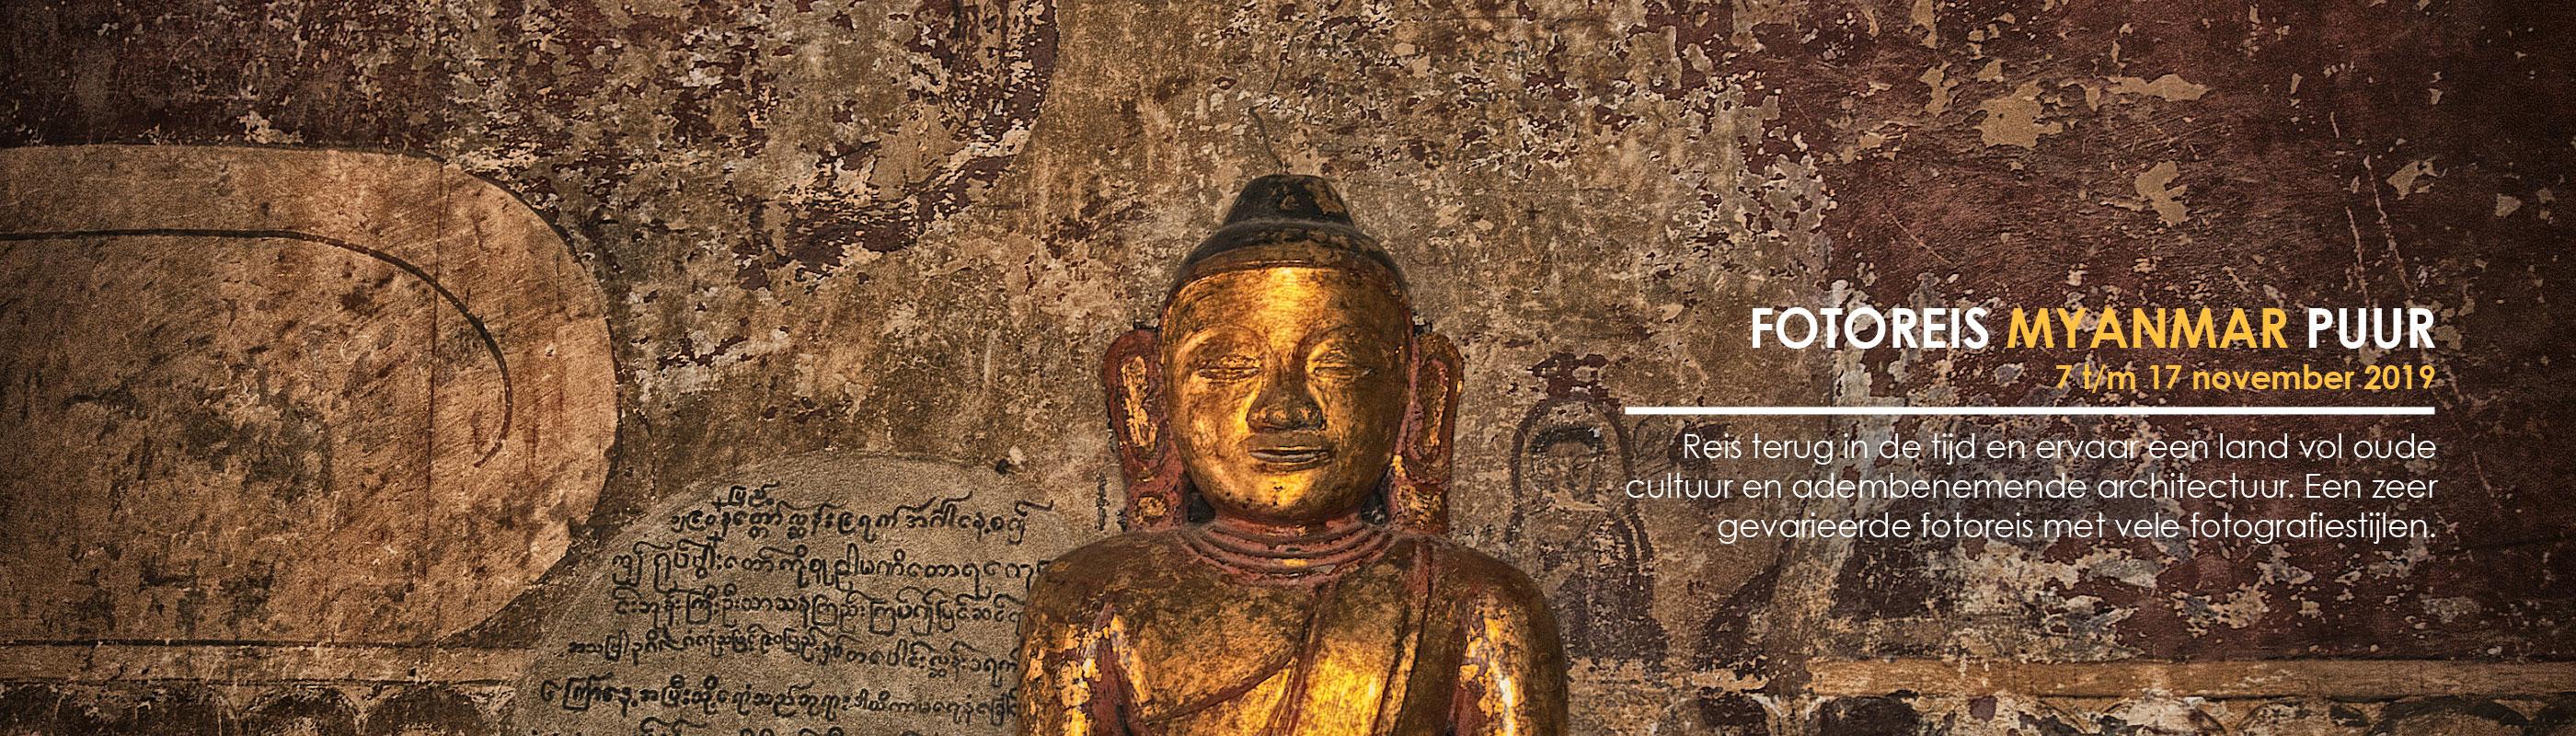 Myanmar-homeslider-V3